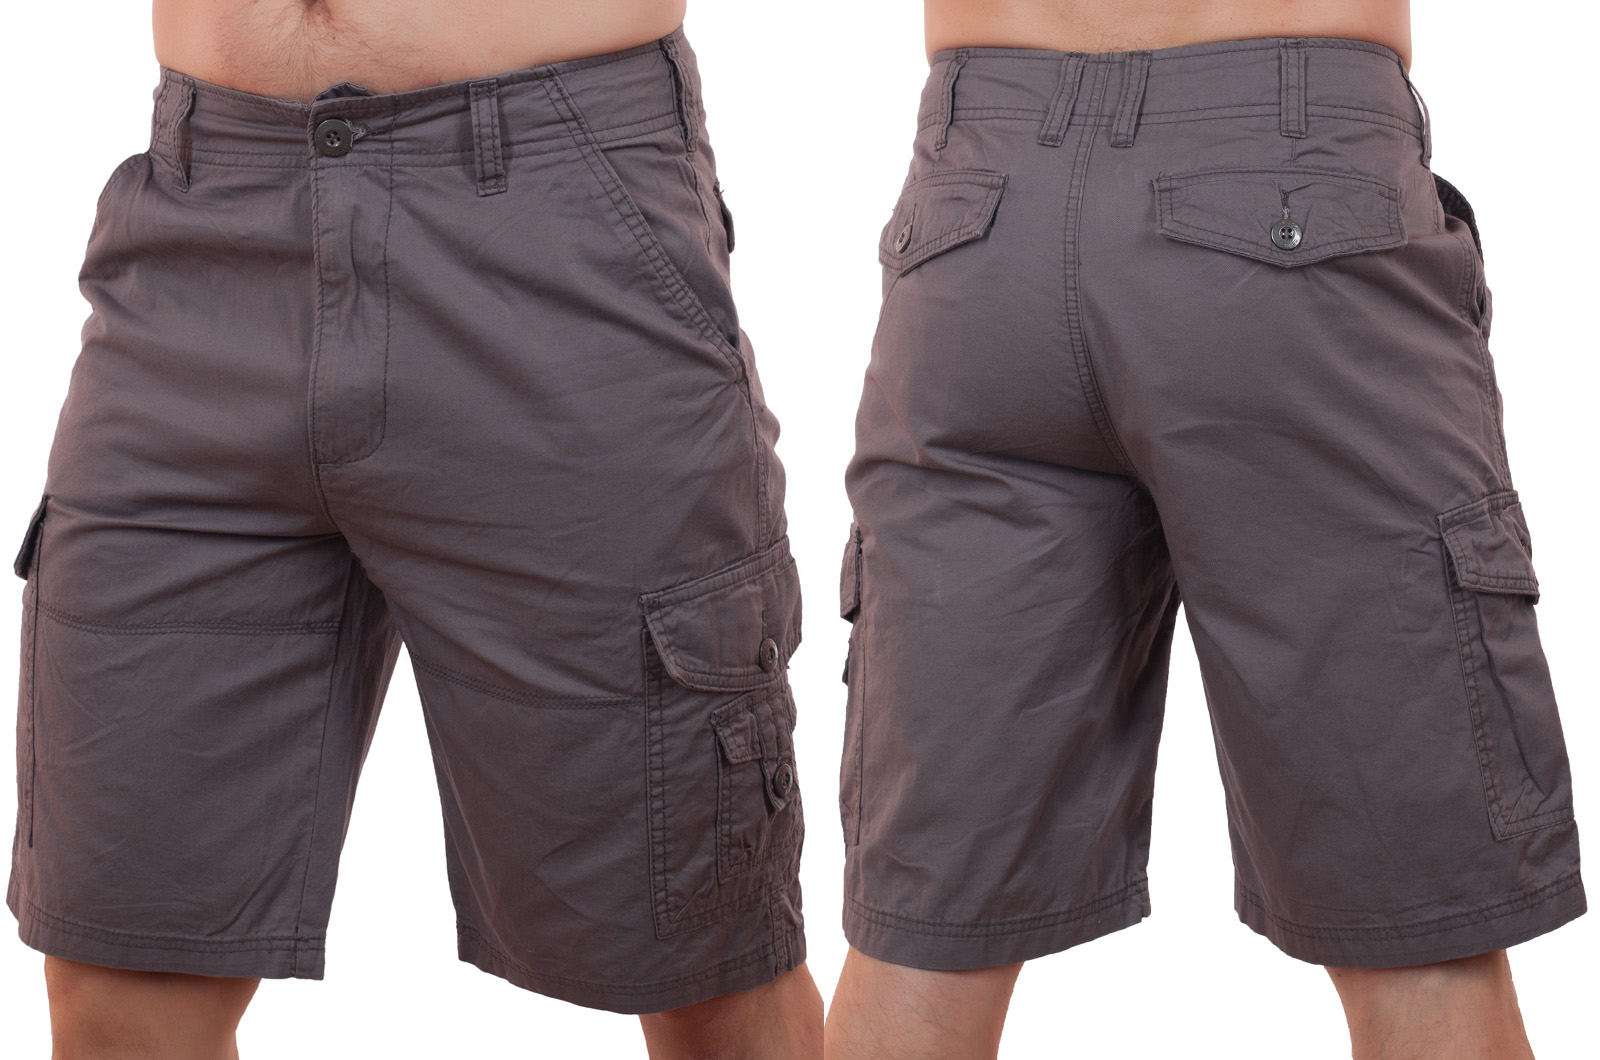 Повседневные мужские шорты Oak Ridge с доставкой